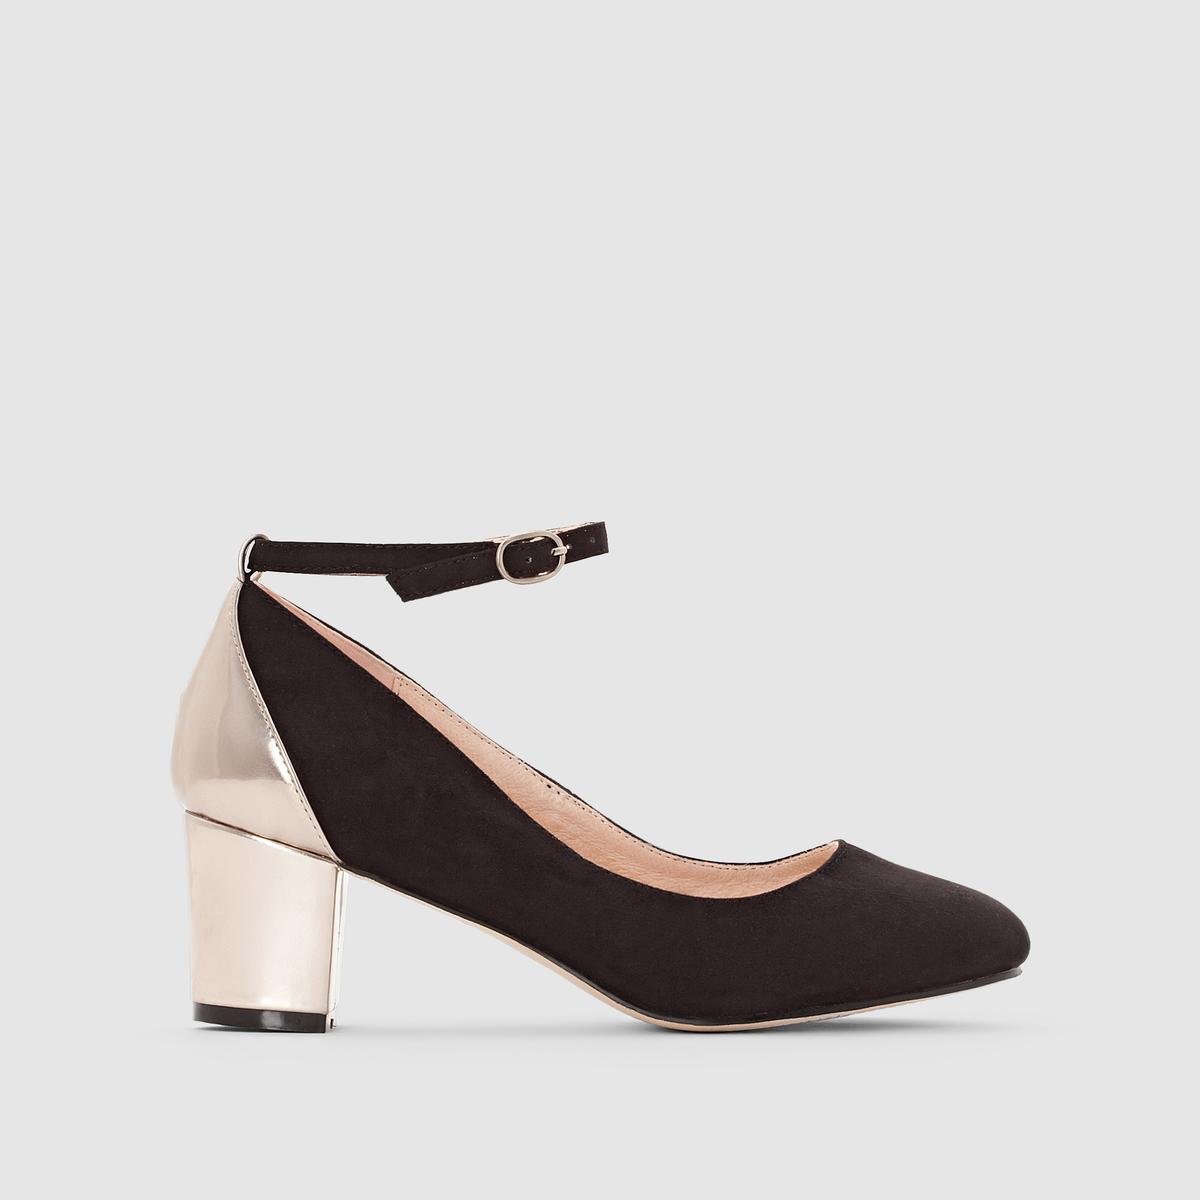 Балетки на каблуке с пряжкойВерх/ Голенище : синтетика                       Подкладка : кожа                       Стелька : кожа                       Подошва : эластомер                        Форма каблука : средний каблук                       Мысок : закругленный                       Застежка : шнуровка<br><br>Цвет: черный<br>Размер: 39